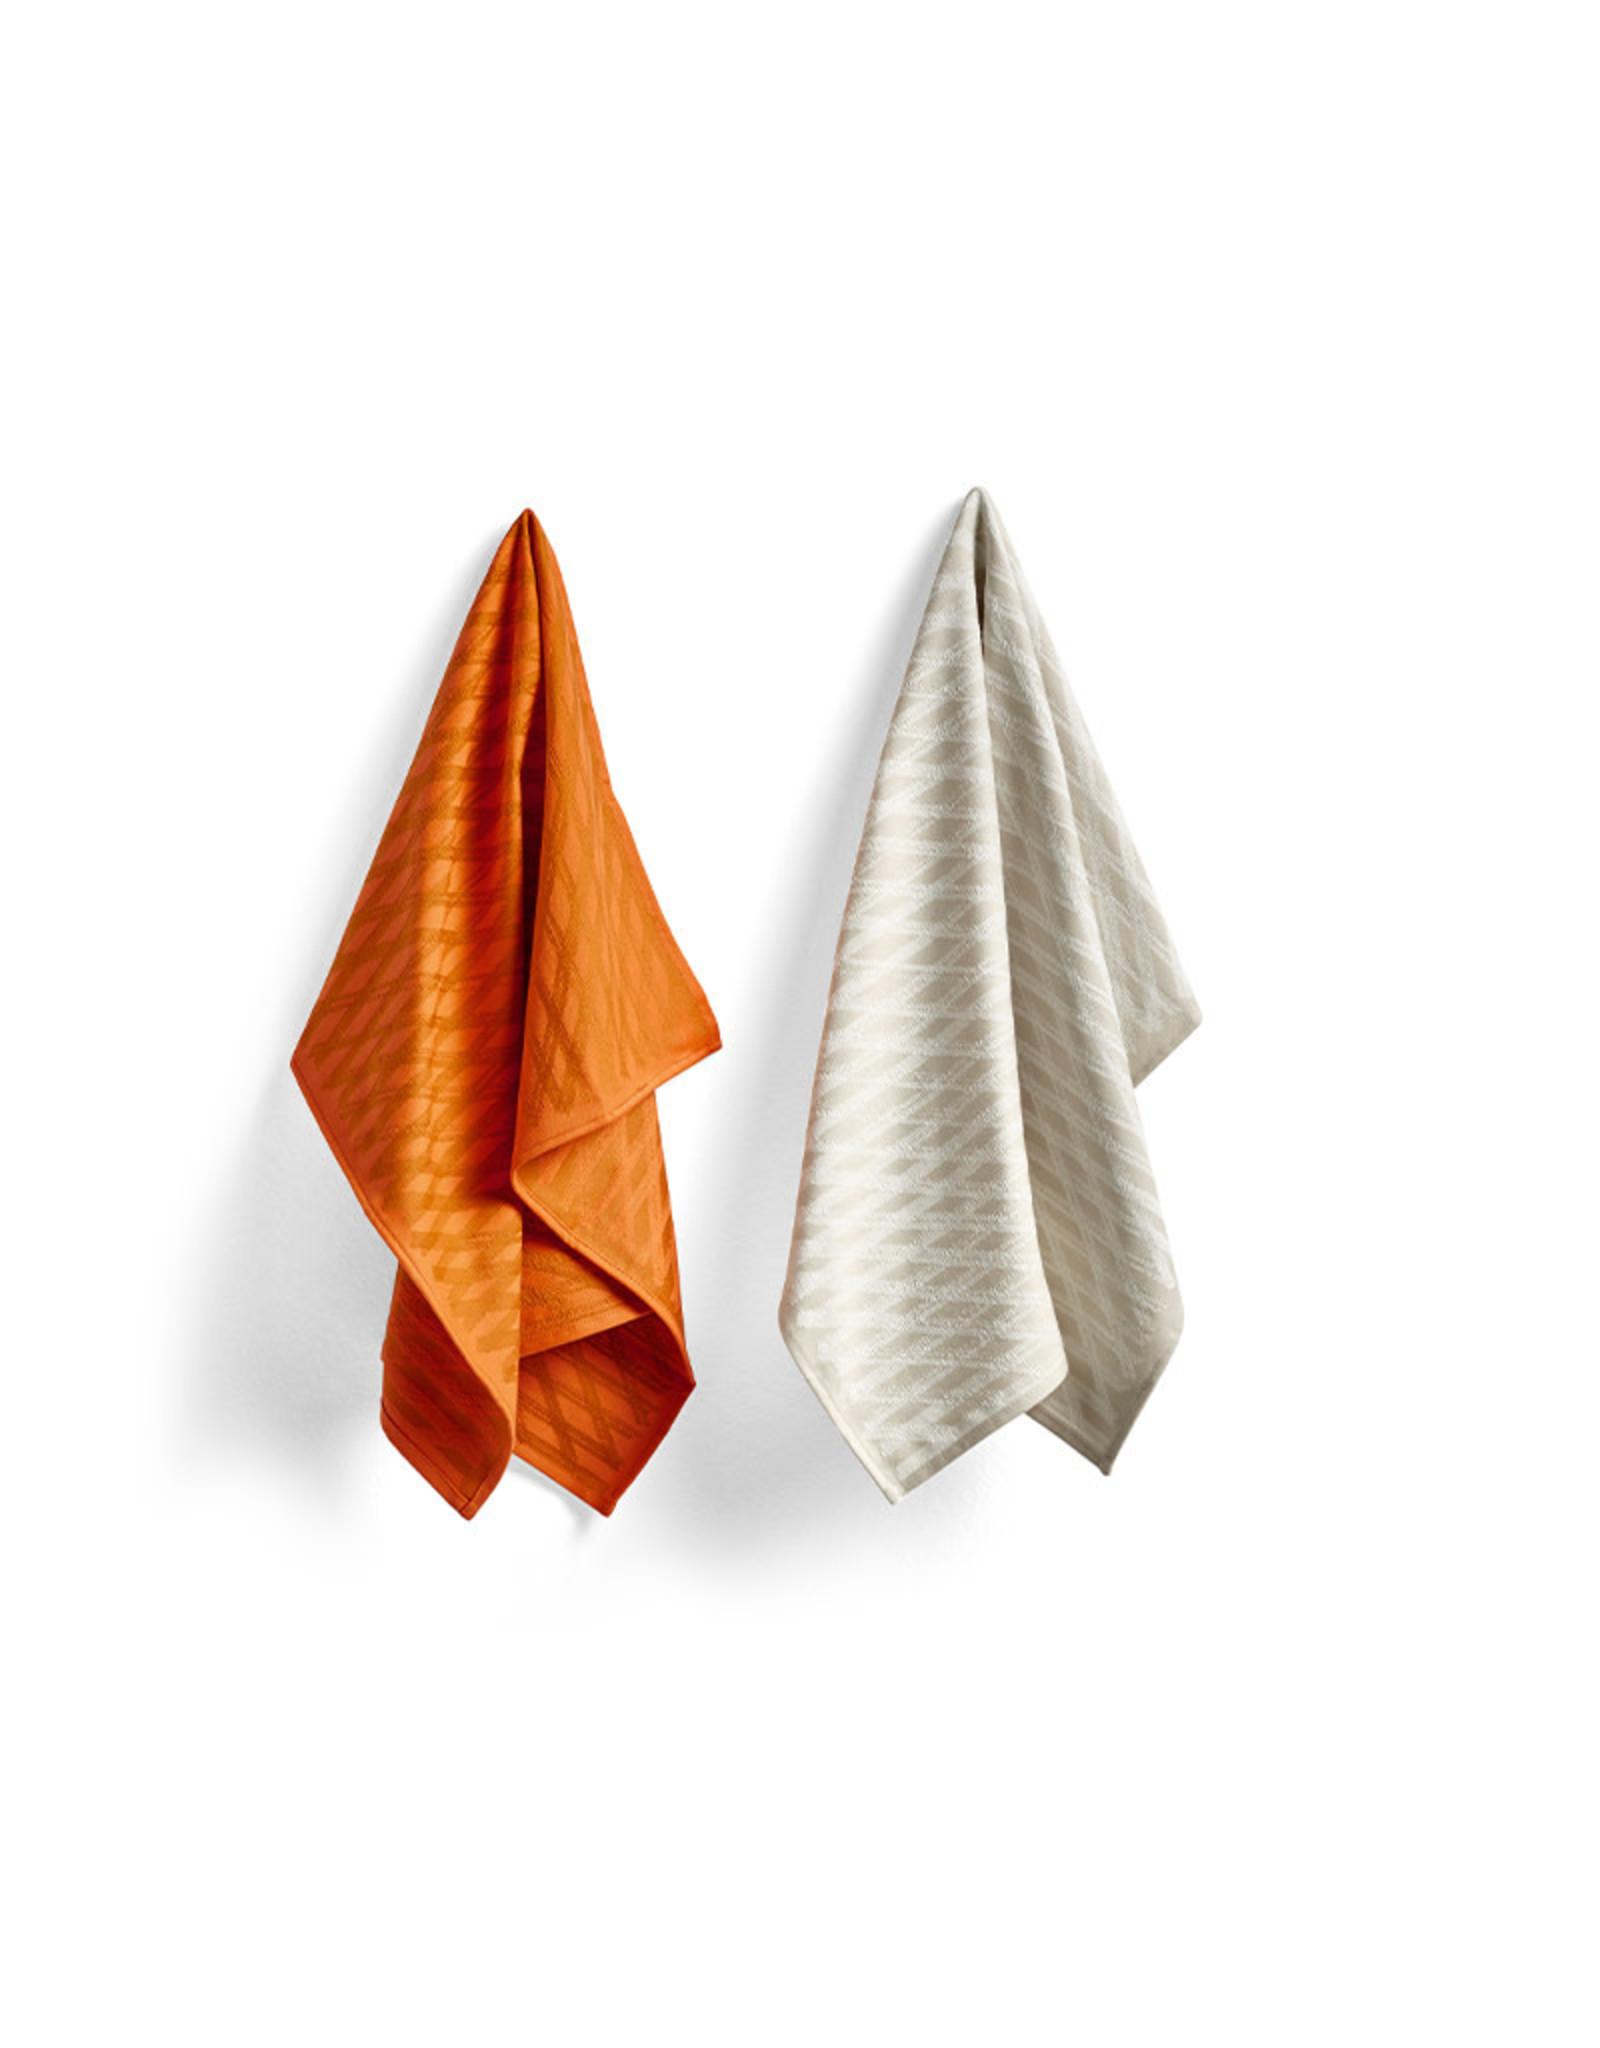 HAY HAY S&B Tea Towel - Marker Diamond No 2 - Set of 2